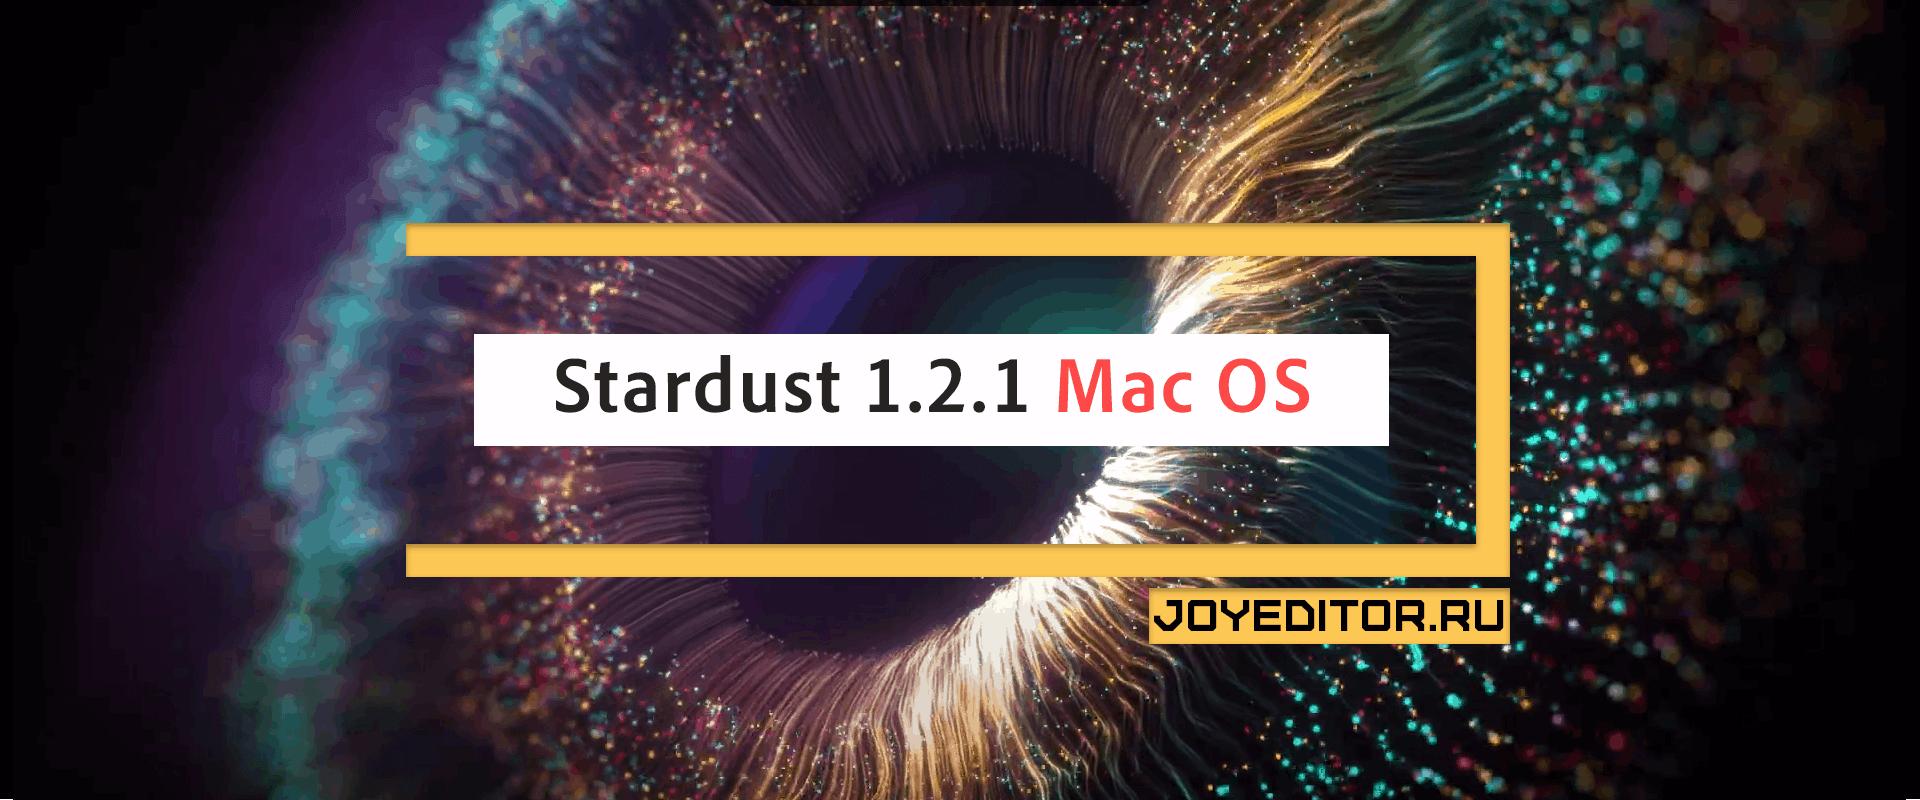 Superluminal - Stardust 1.2.1 Mac OS